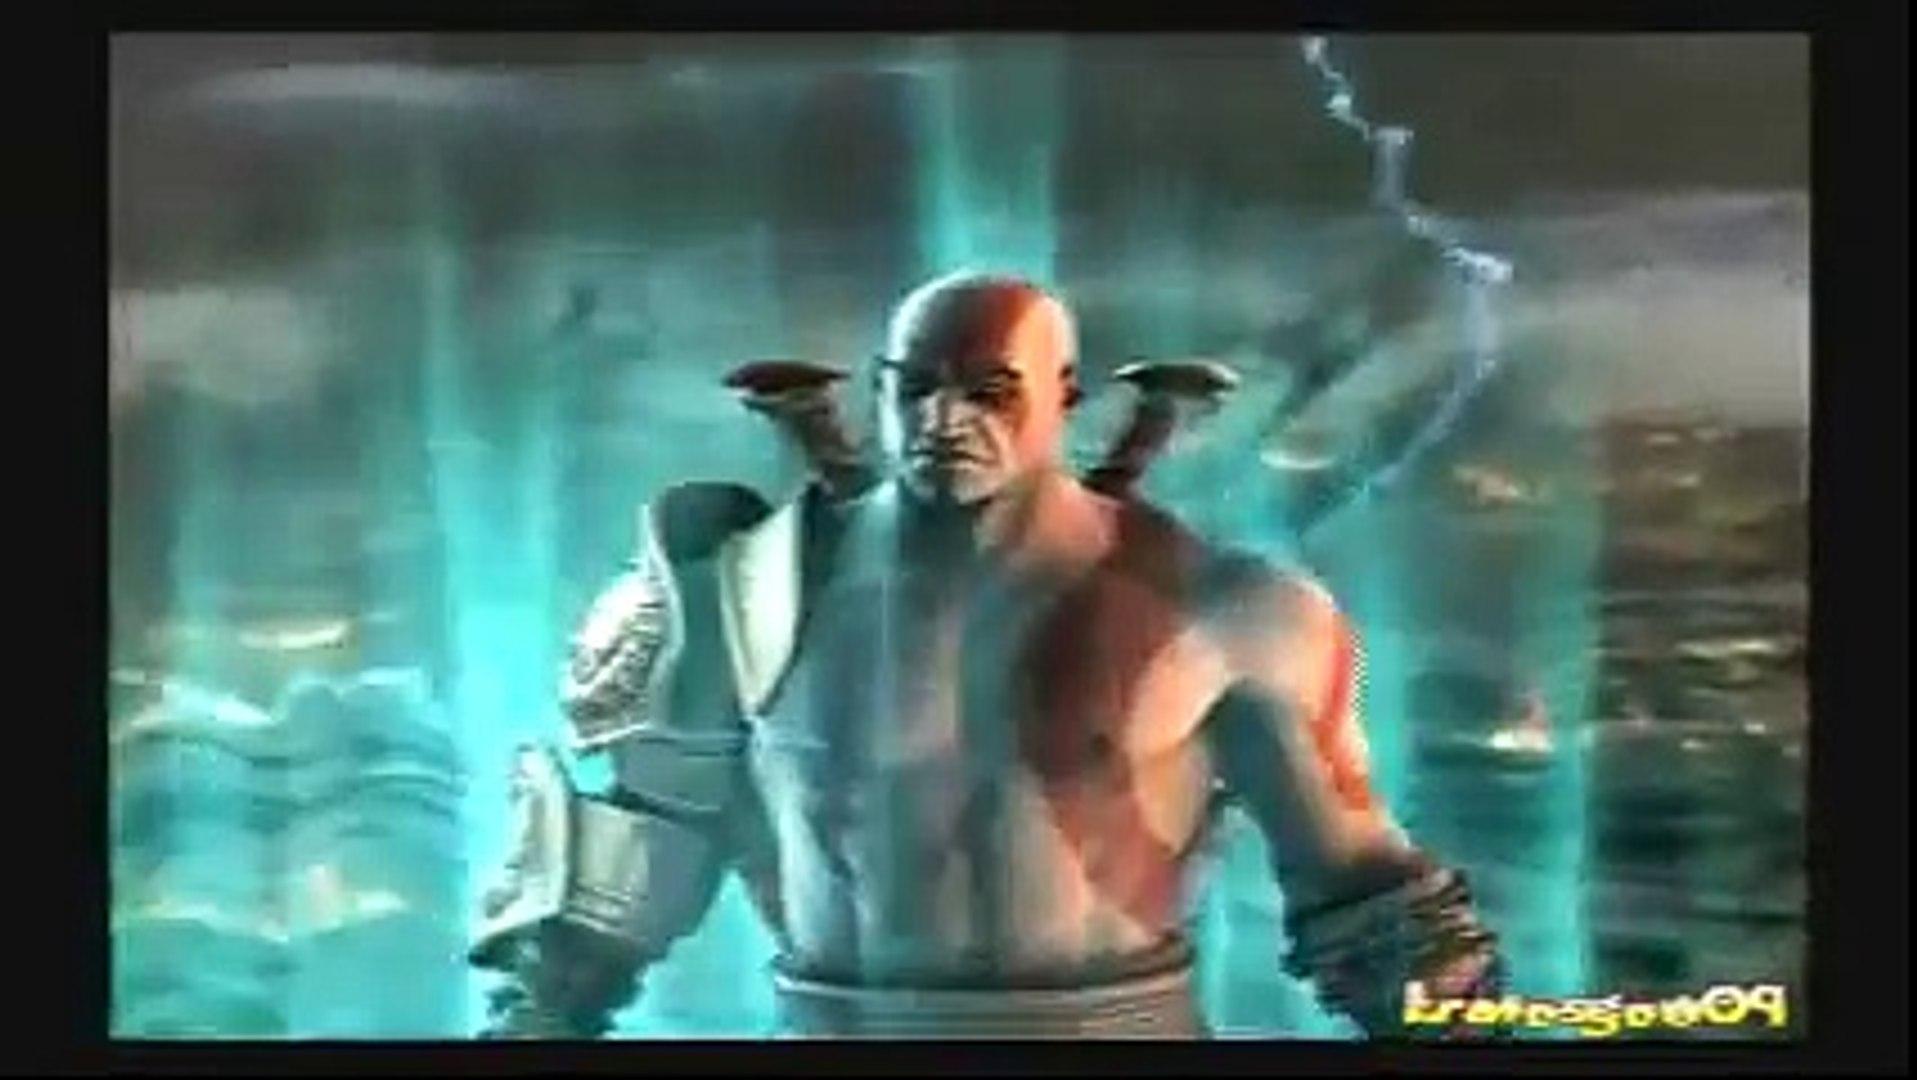 God of War 2 - Ending (scene before God of War 3 starts) - Part 43